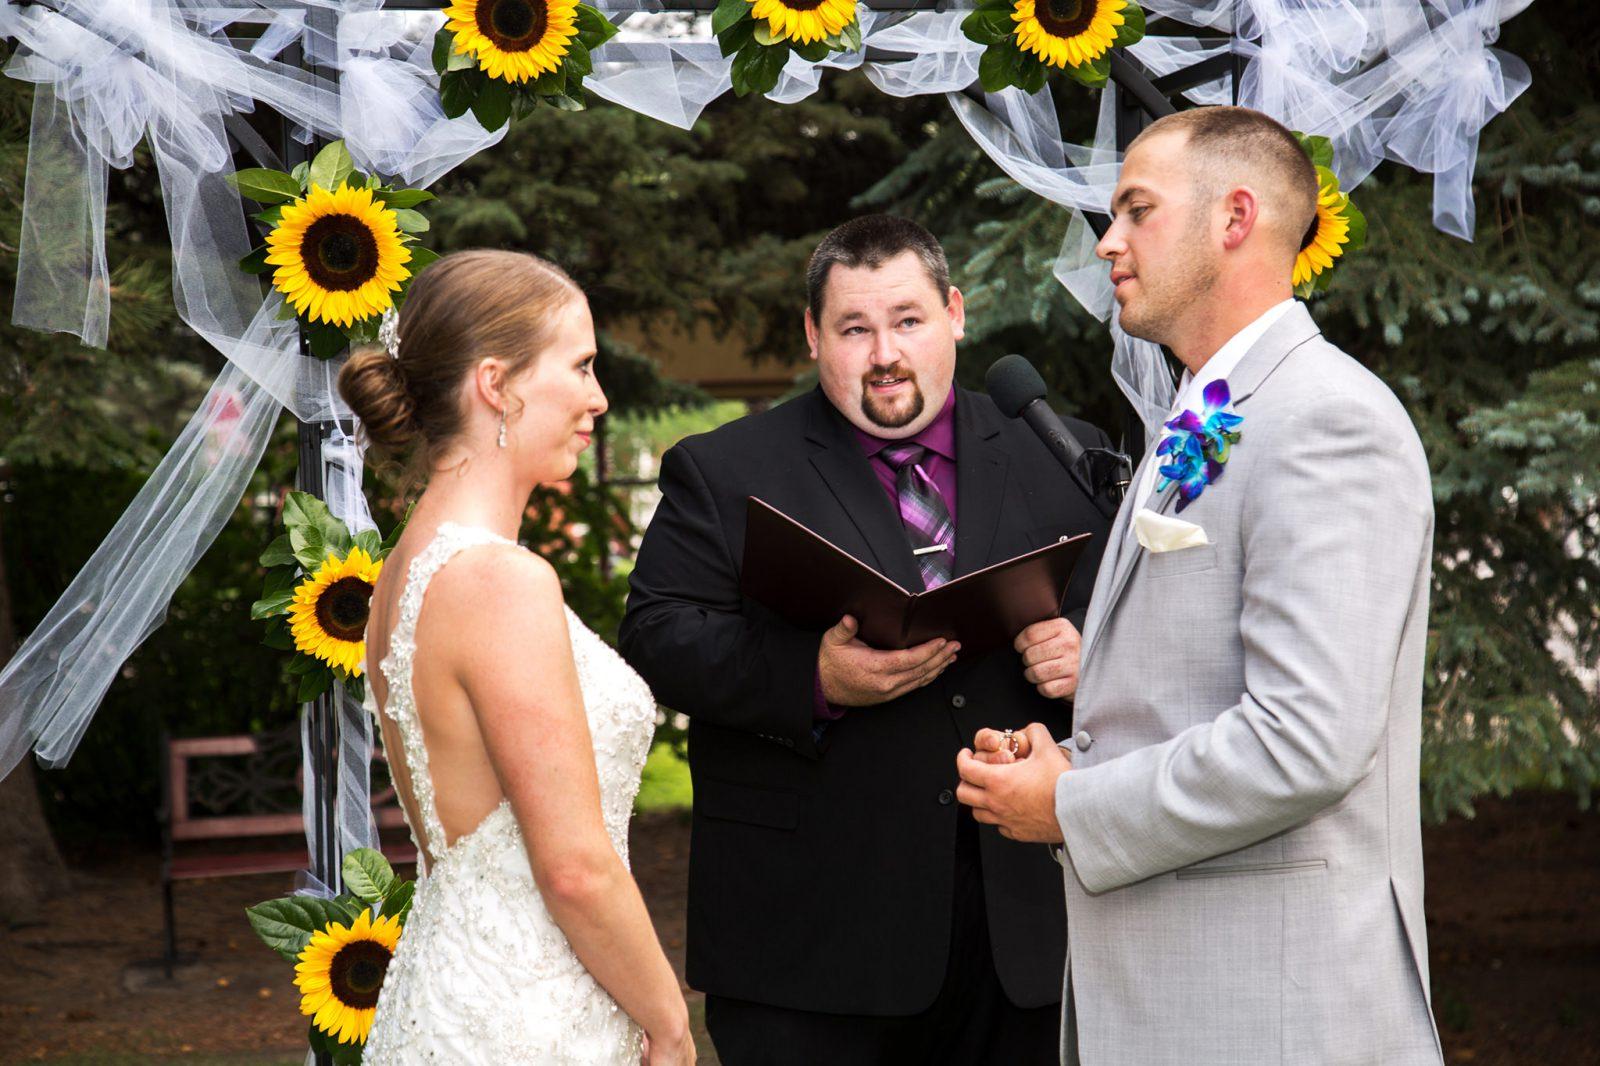 marchese_wedding_454 copy